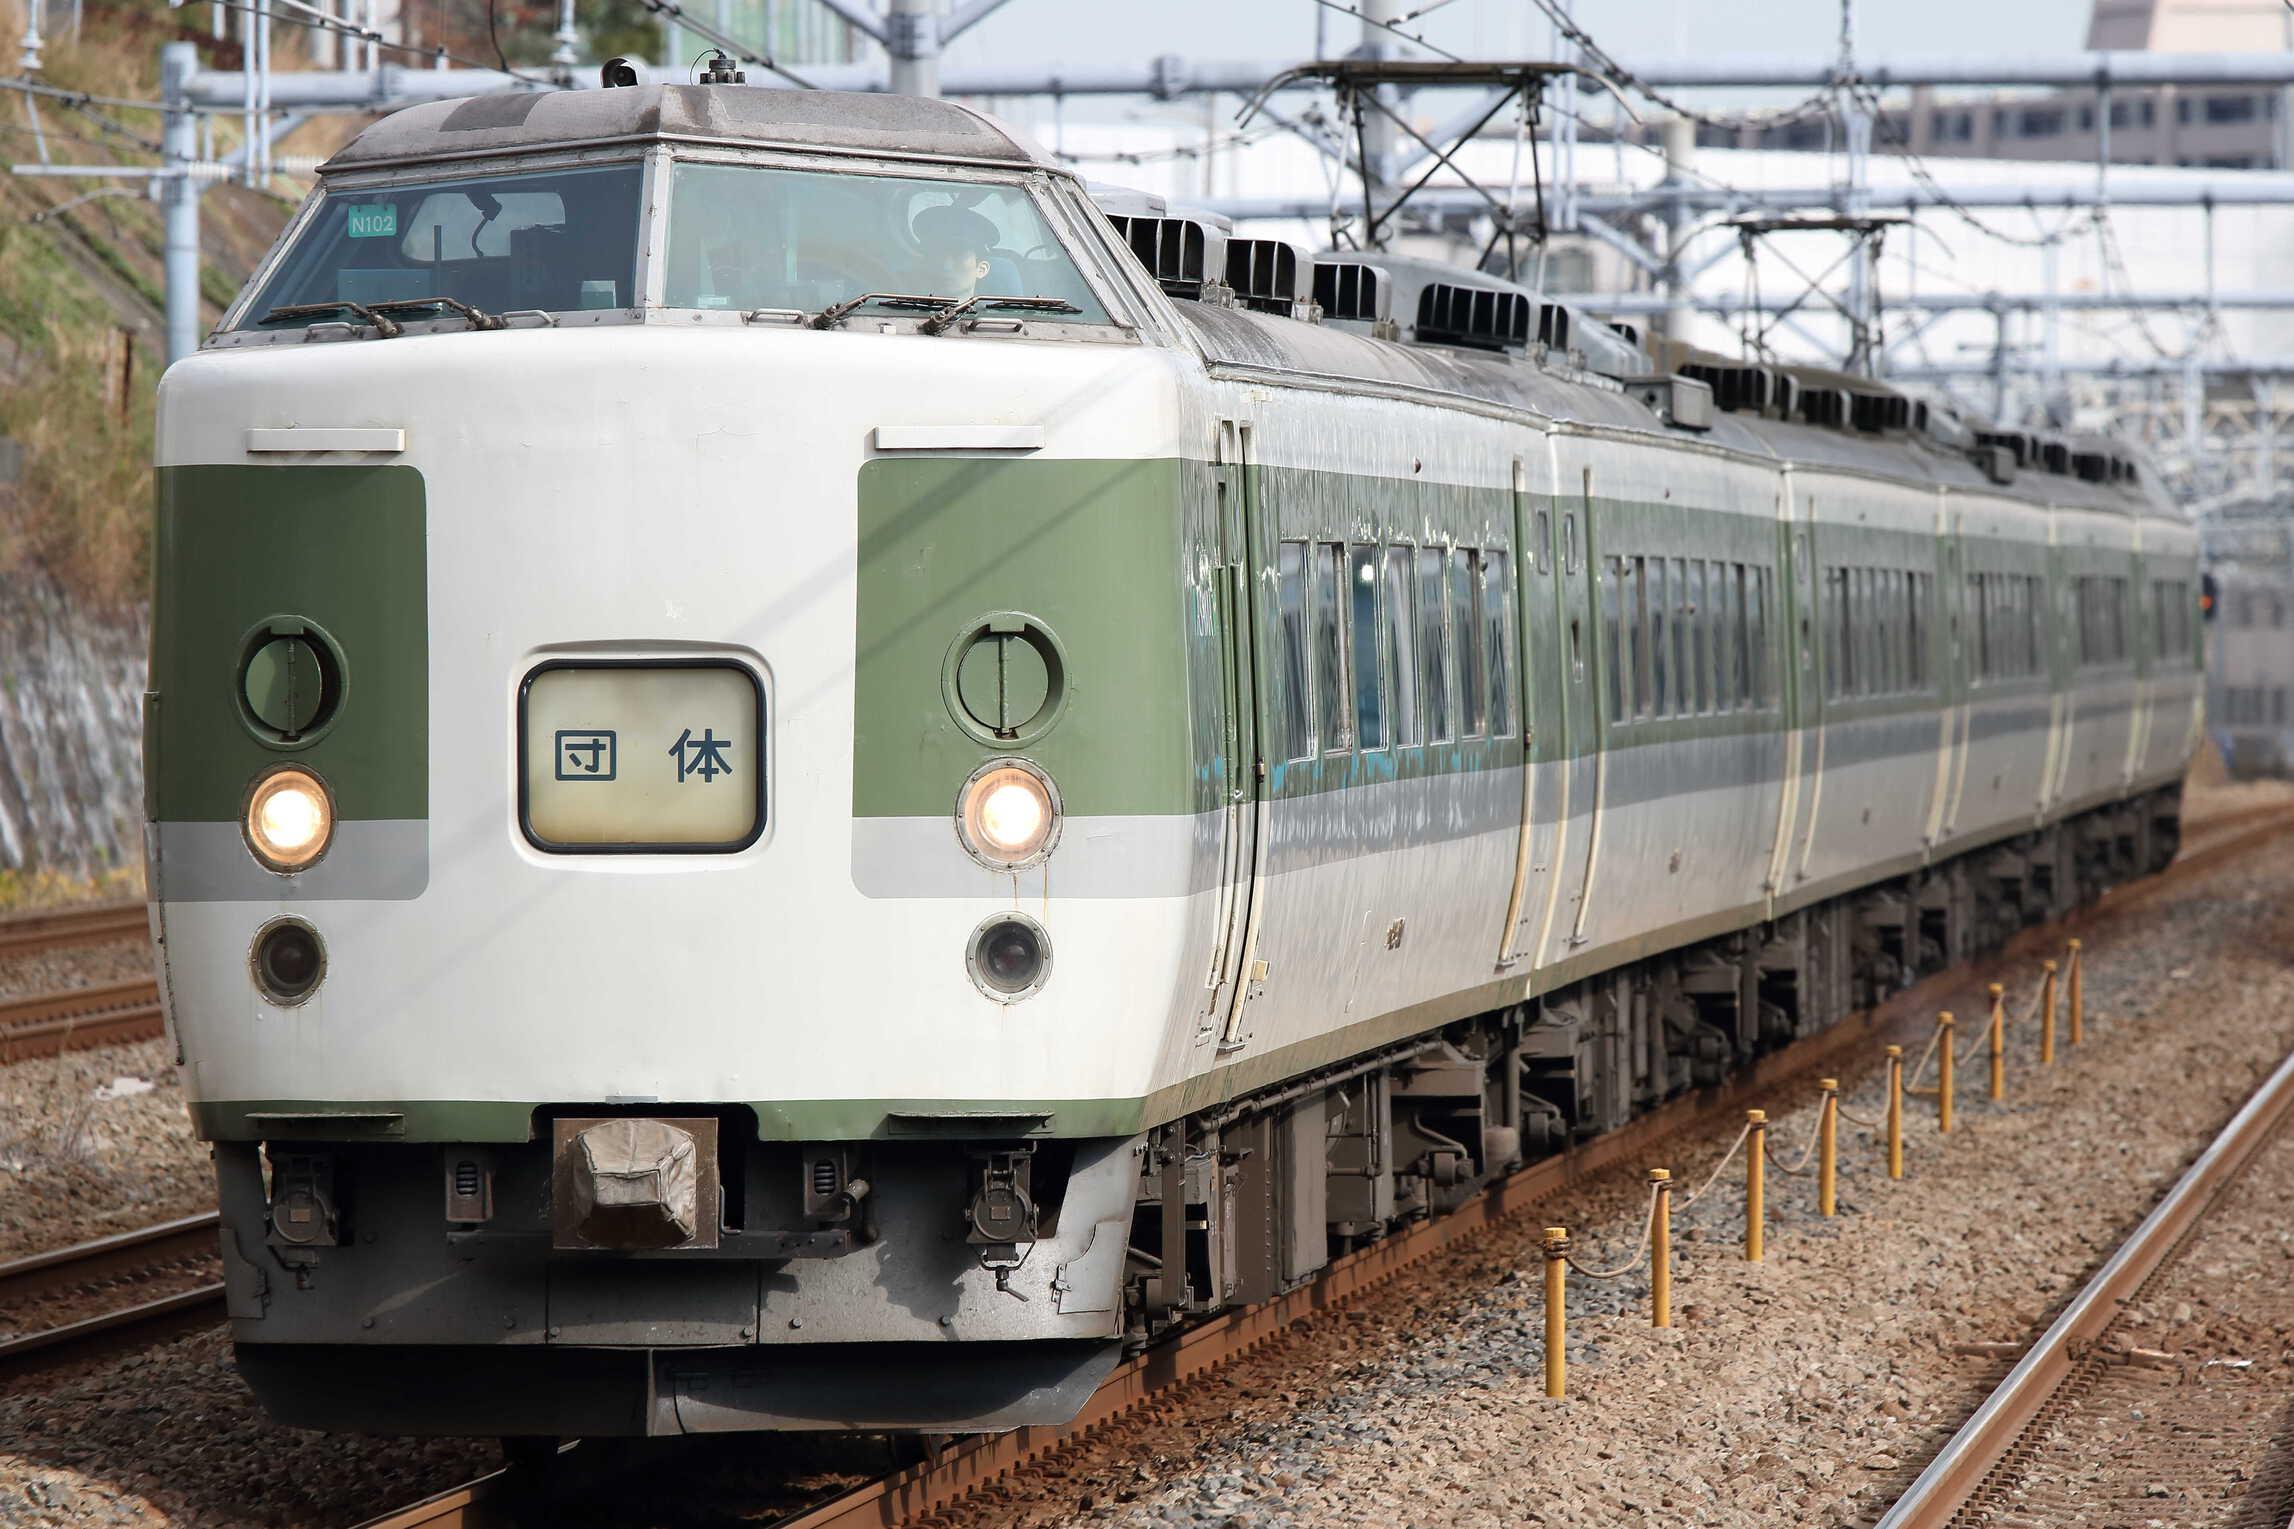 9721M 団臨(西1201, 韮崎→鎌倉) 鎌倉散策の旅 189系 長ナノN102編成